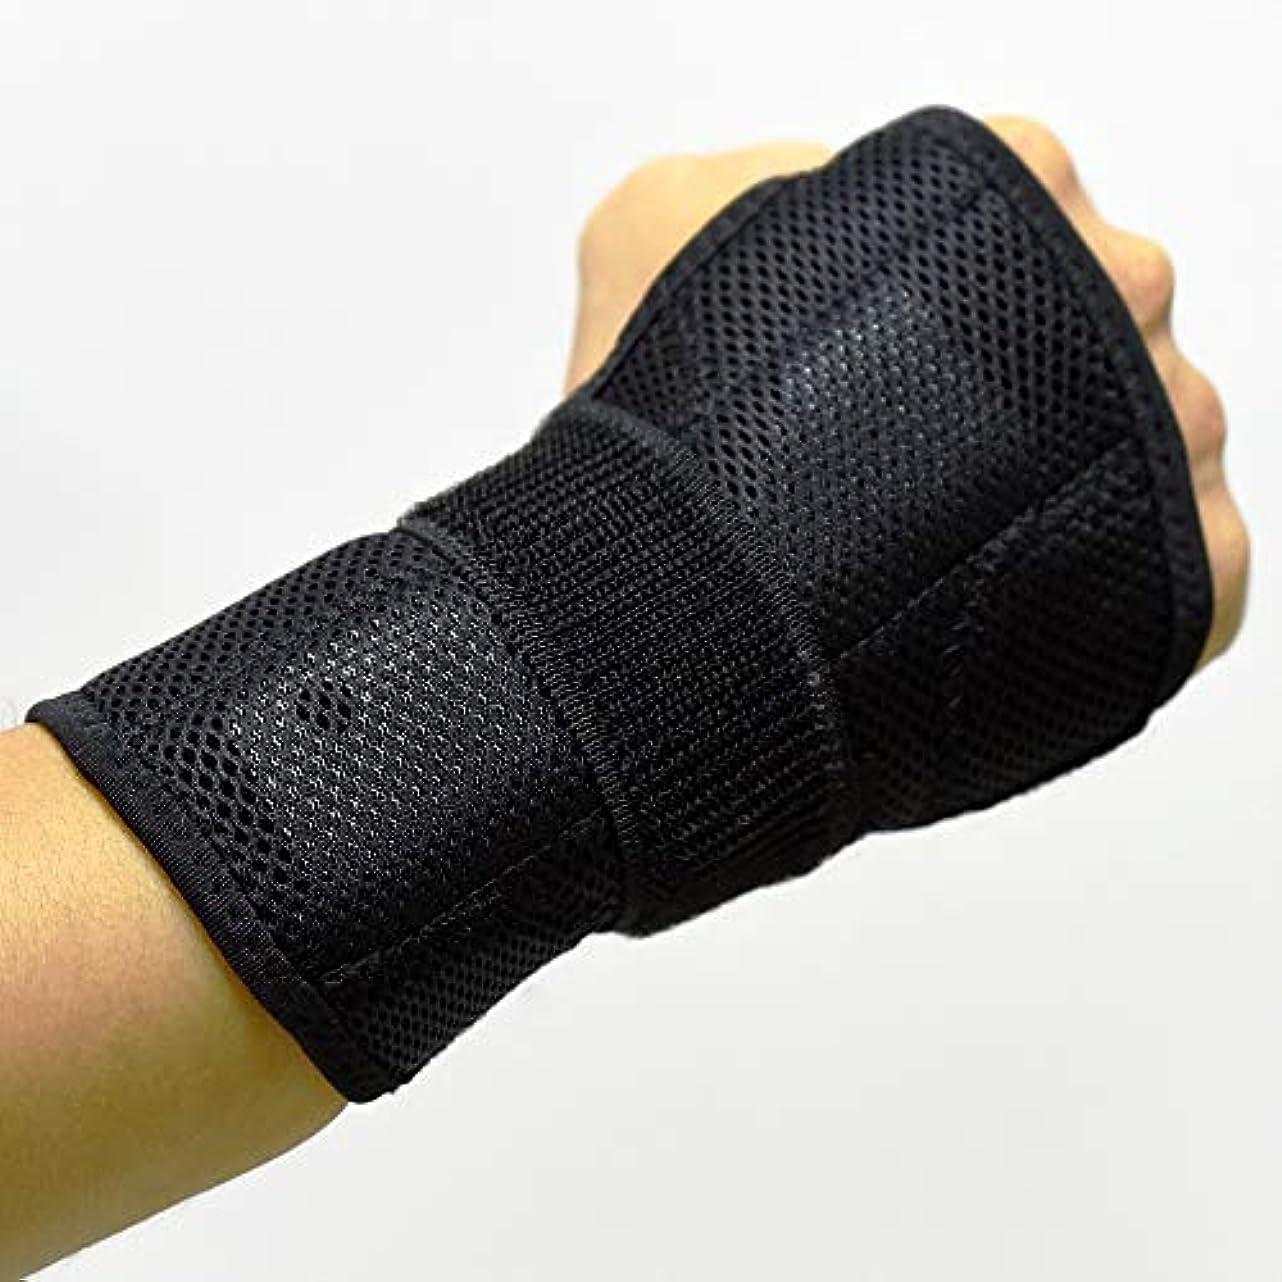 ドループいわゆる把握手首サポートスプリントブレース、調節可能な 手首ブレーススプリントは、怪我、スポーツ、ジム、繰り返しの緊張などに対応します デザイン,Lefthand